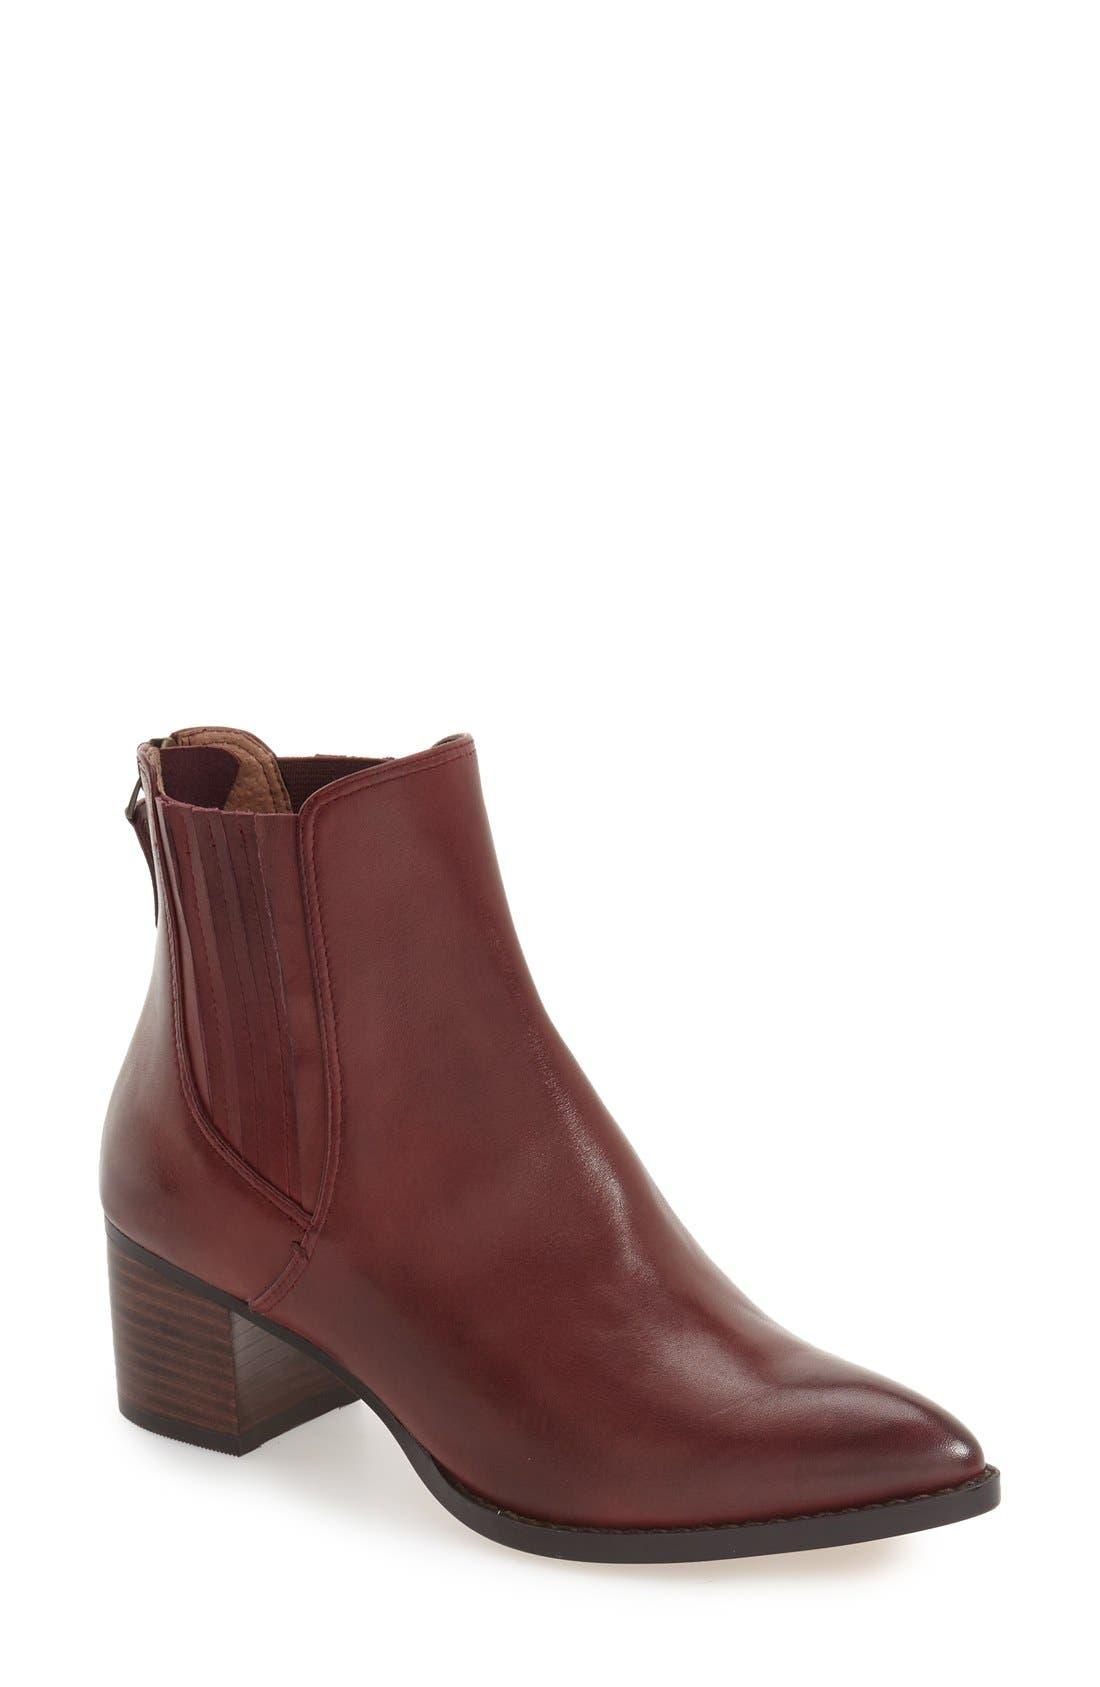 Main Image - Halogen® 'Bailey' Pointy Toe Block Heel Bootie (Women)